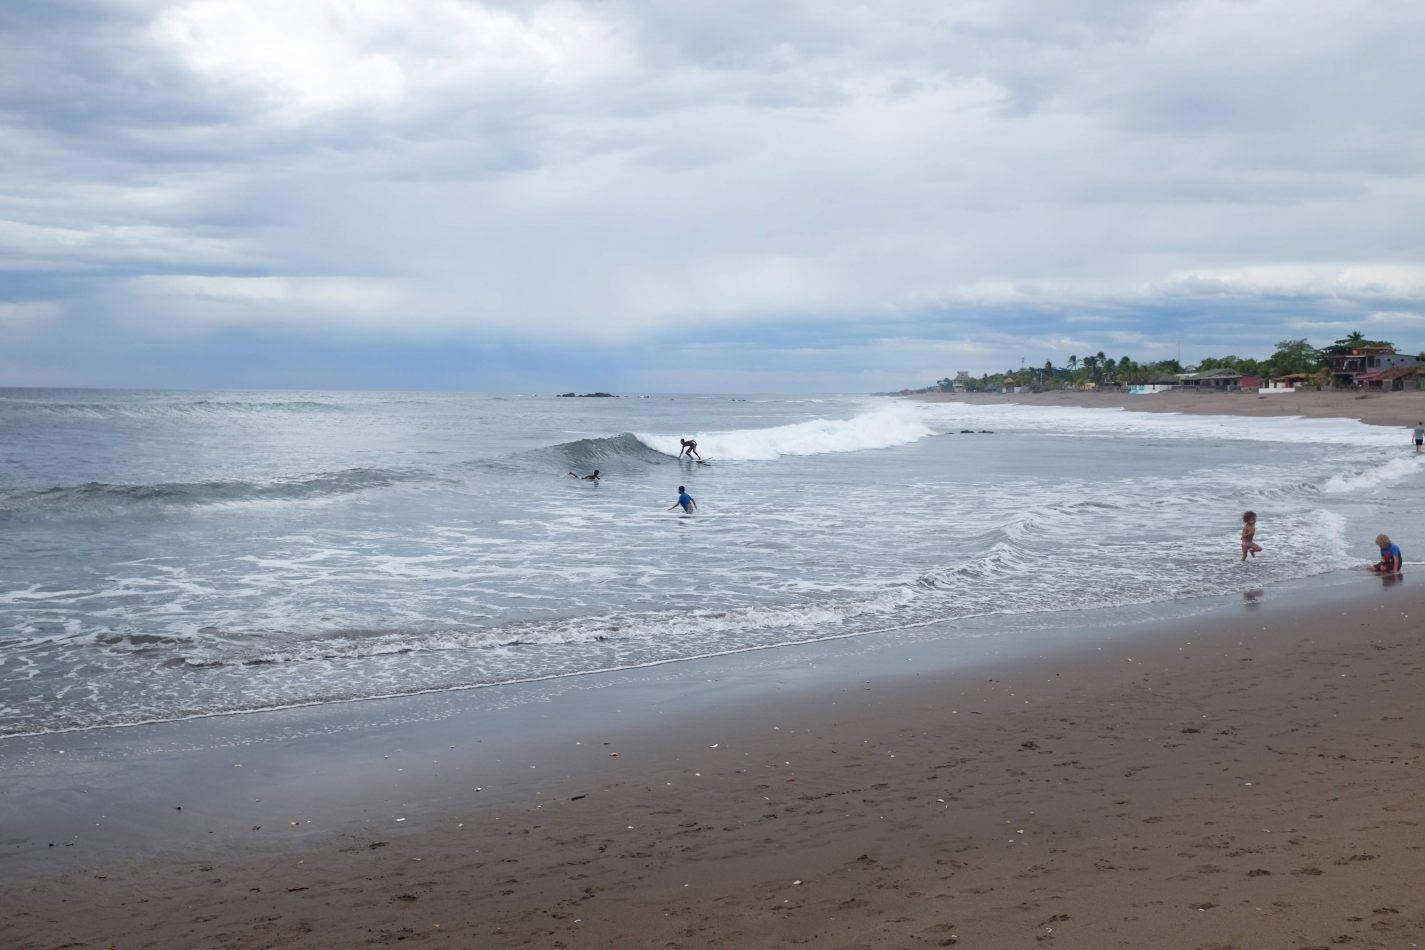 Hibiscus & Nomada : - - Surfing at Playa Roca